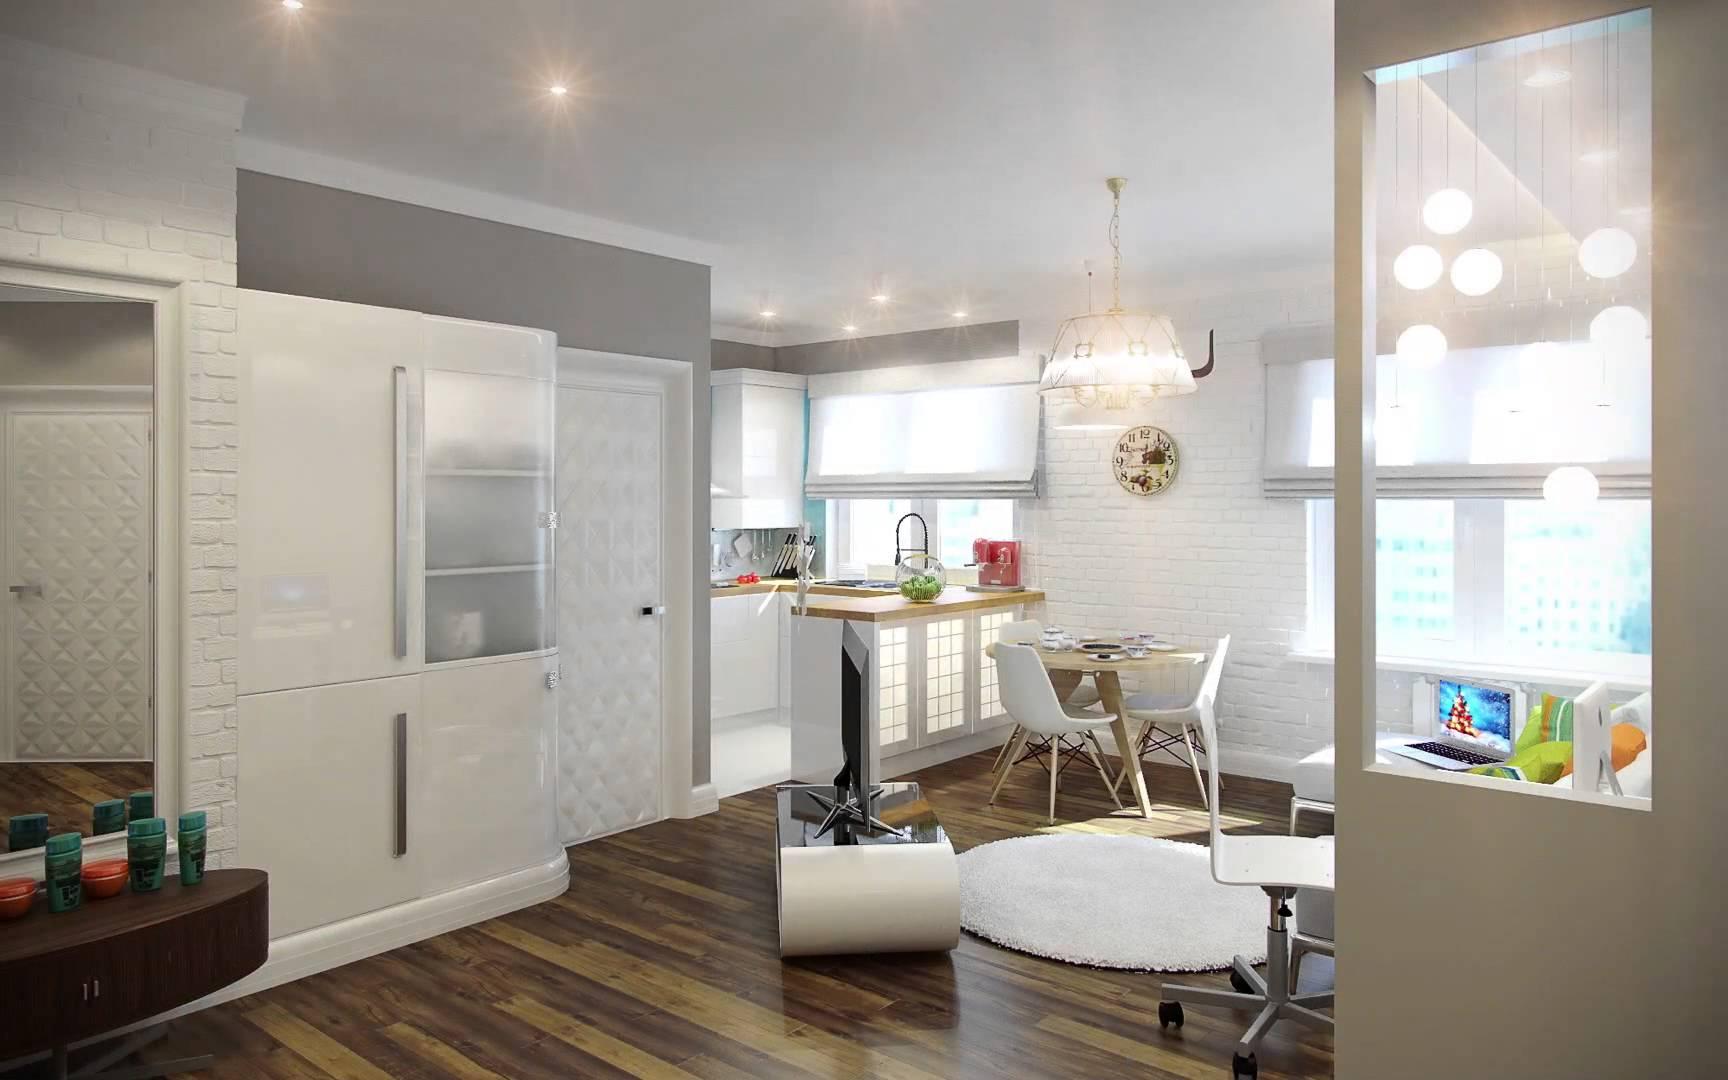 Однокомнатной квартиры дизайн 31